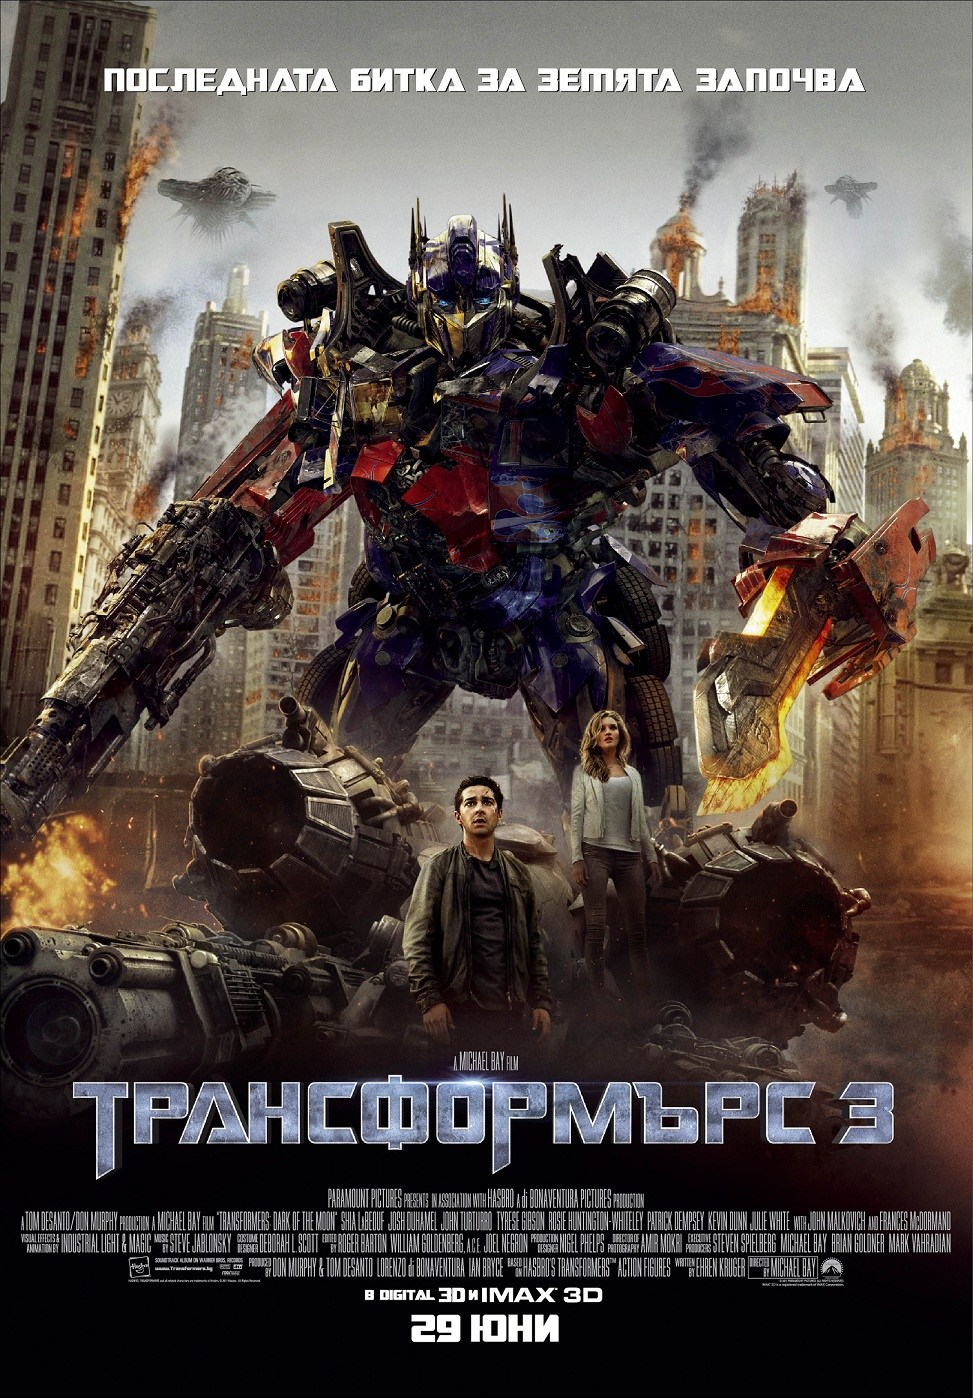 Трансформърс 3: Тъмната страна на луната / Transformers: Dark of the Moon